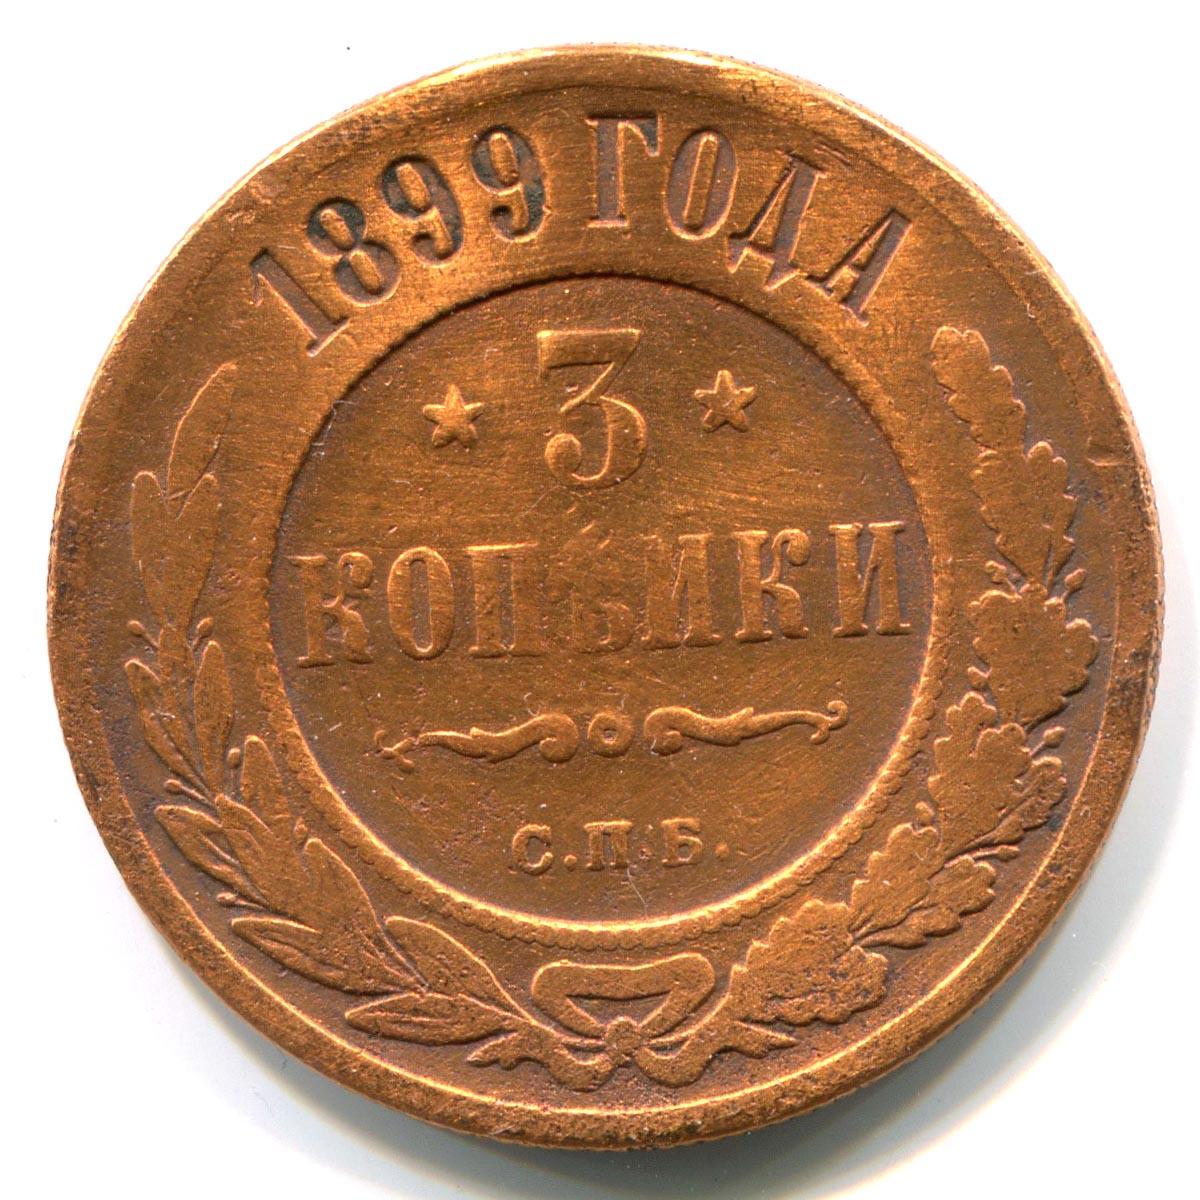 3 копейки 1899 1 рубль эминеску цена